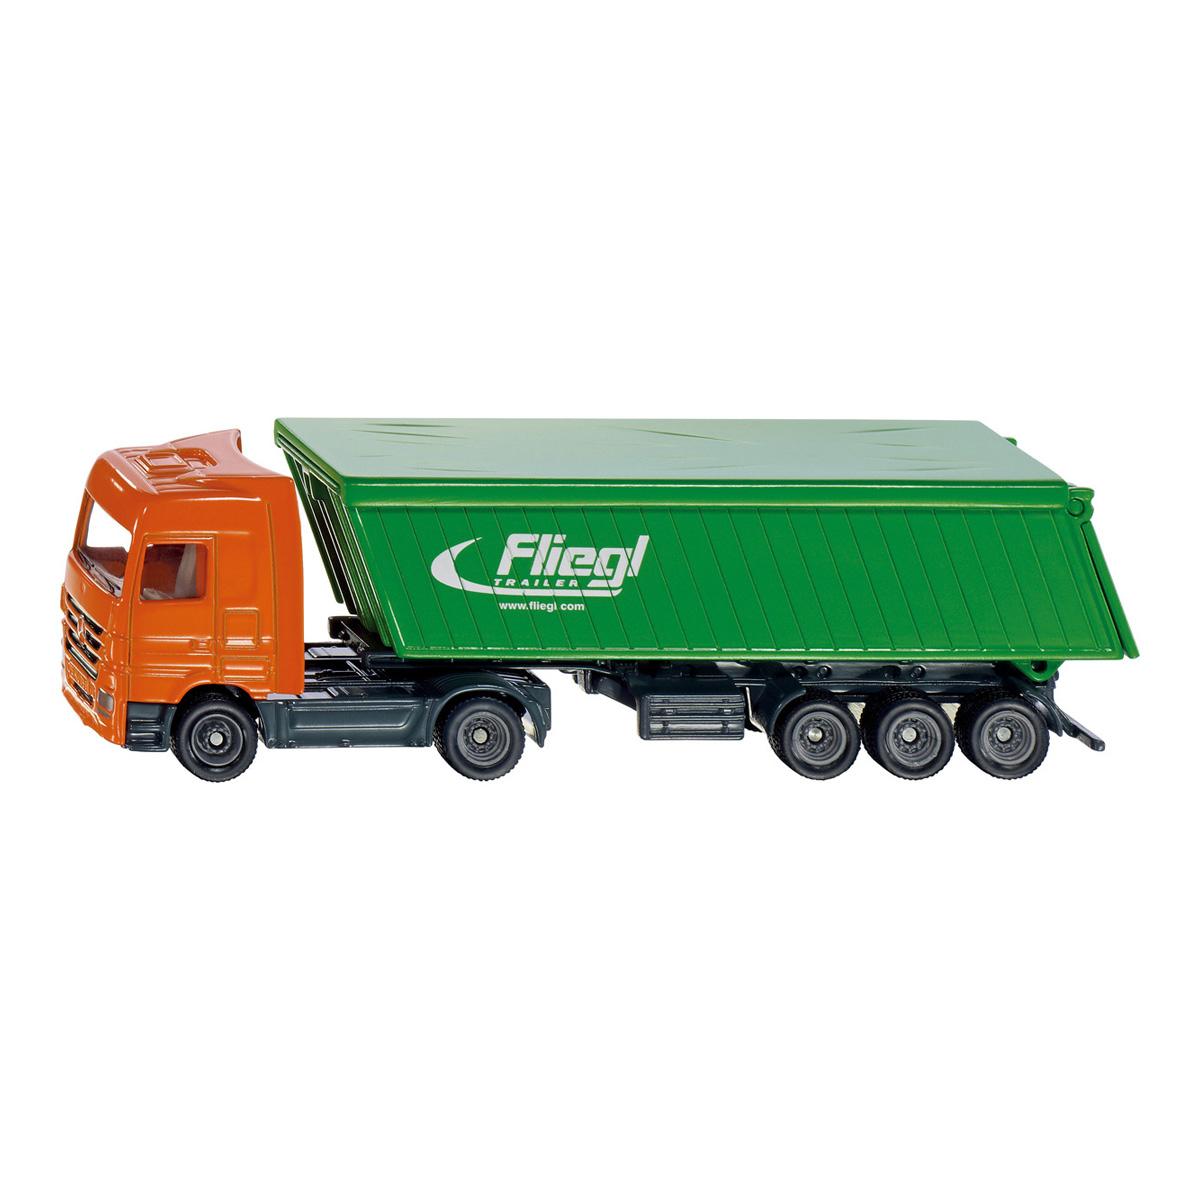 屋根付きトレーラートラック (ジク・SIKU)1:87